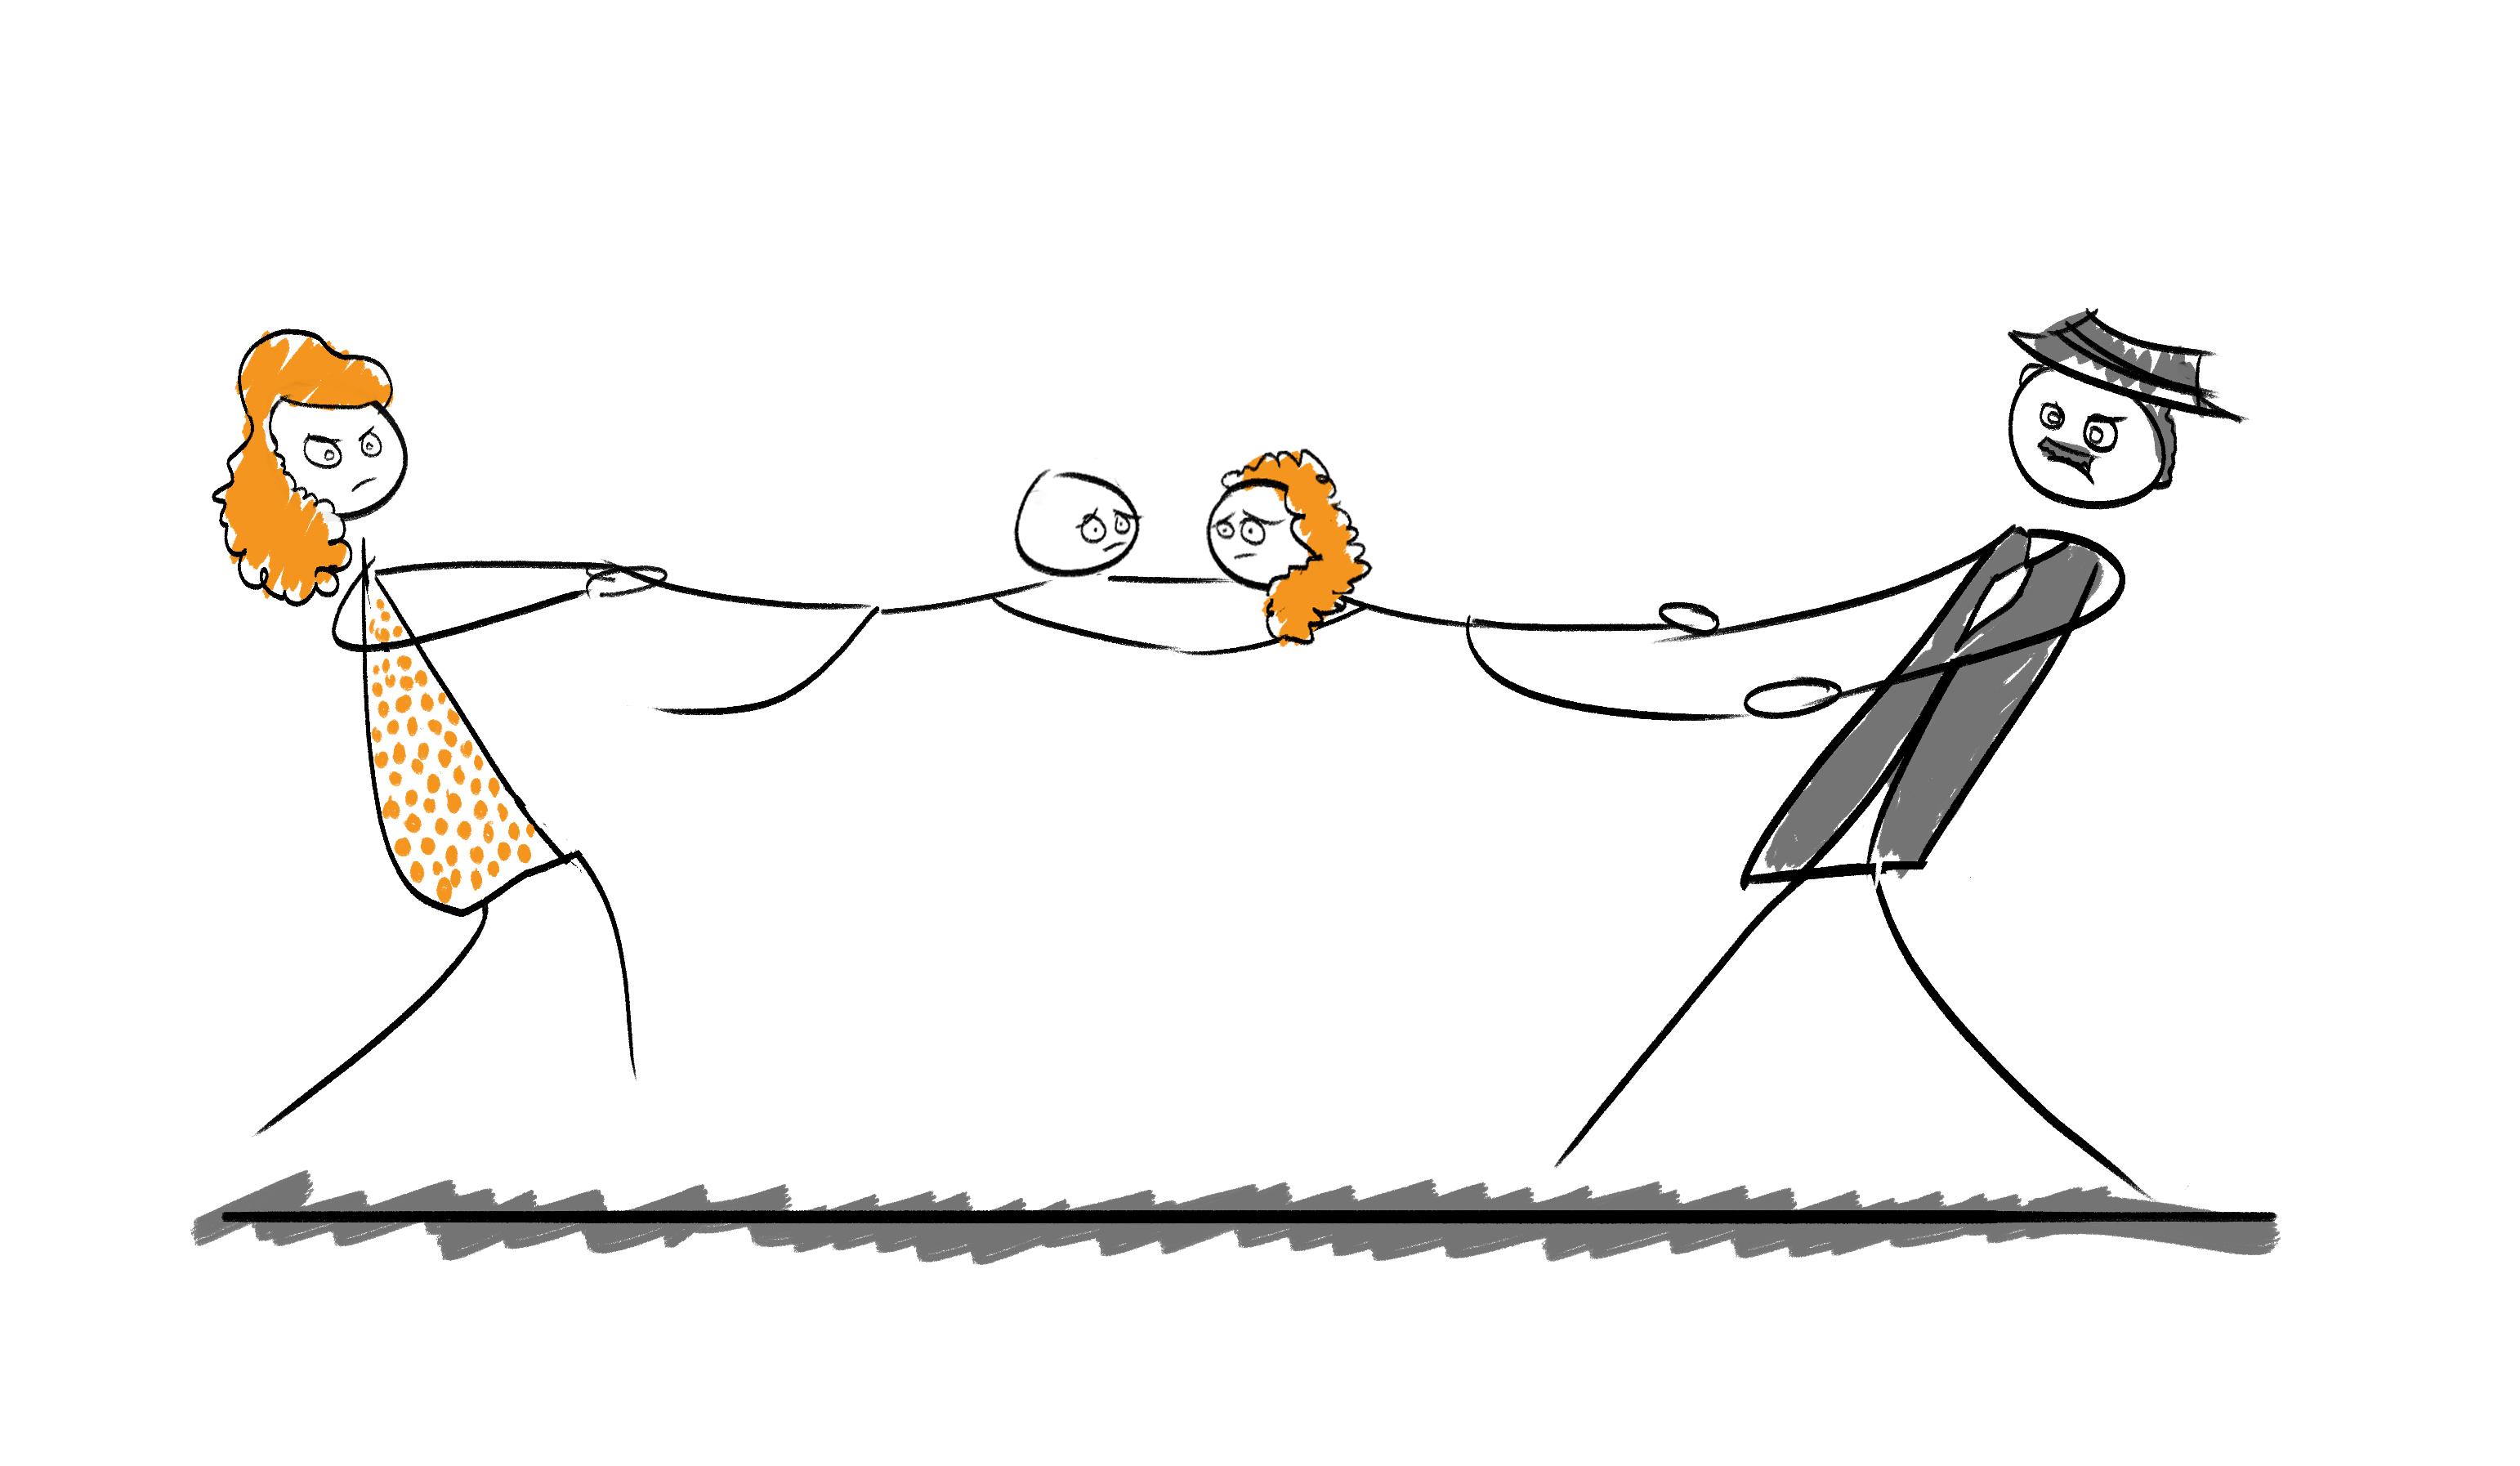 Umgang mit Eltern, Umgangsrecht zwischen Eltern, Fachanwalt Familienrecht Krefeld hilft , Karikatur